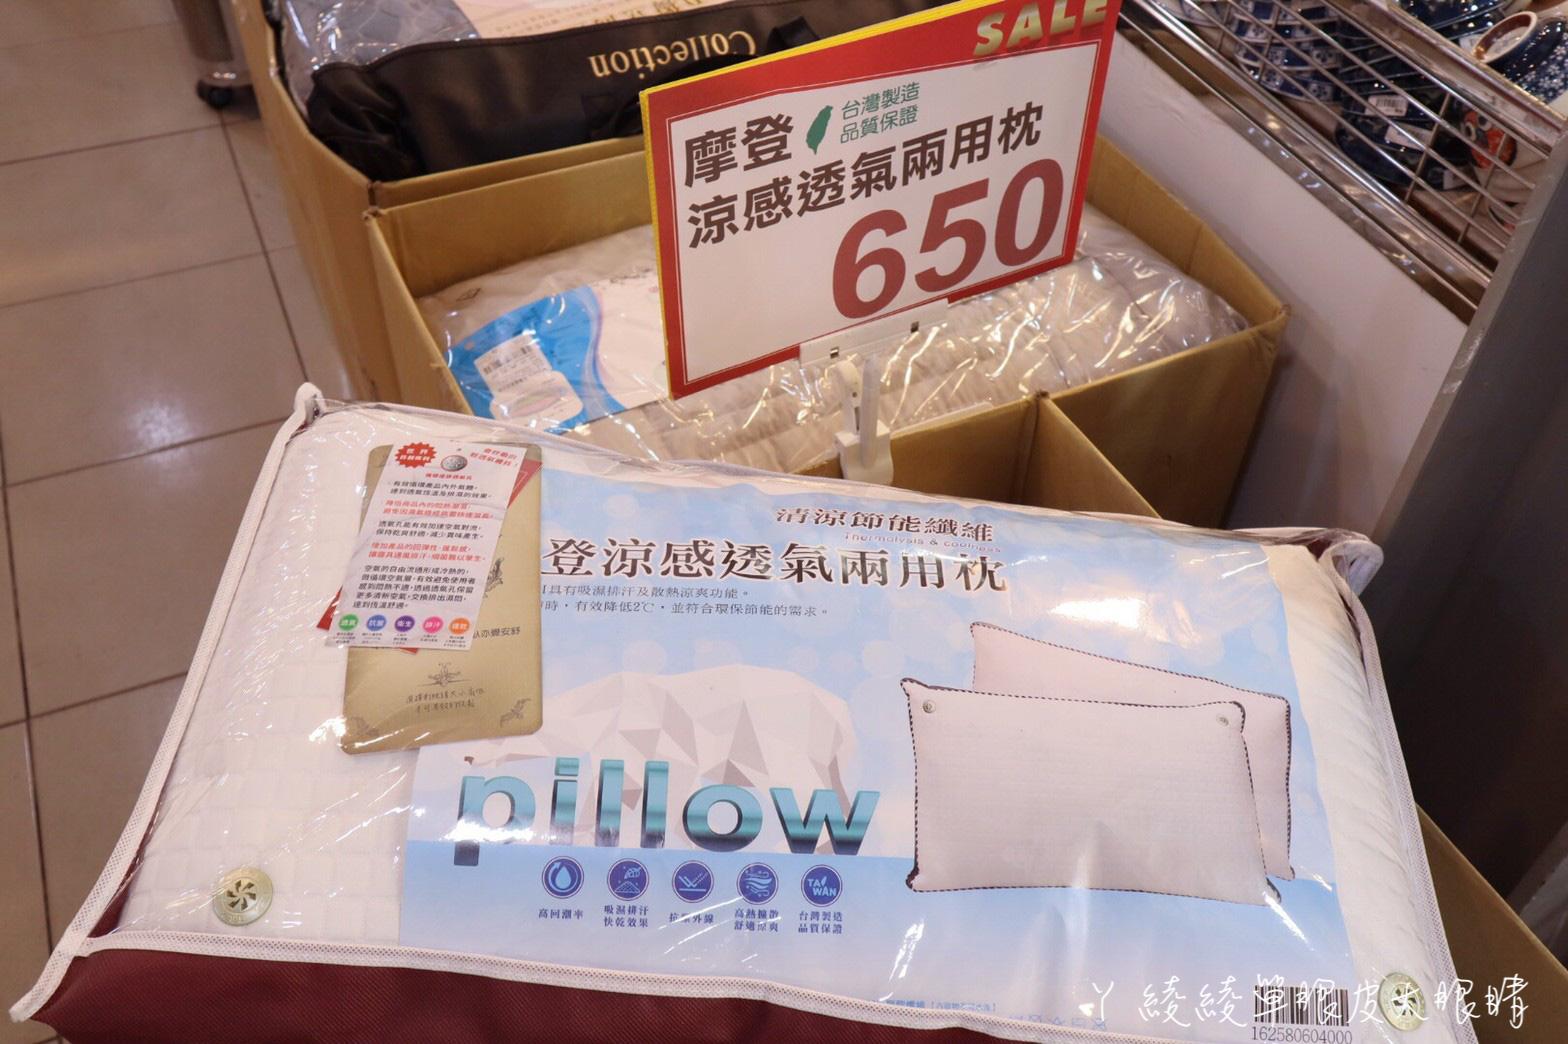 新竹多利寶寢具特賣會全面下殺兩折!床罩、床包、天絲寢具、枕頭買一送一!留言分享送好禮